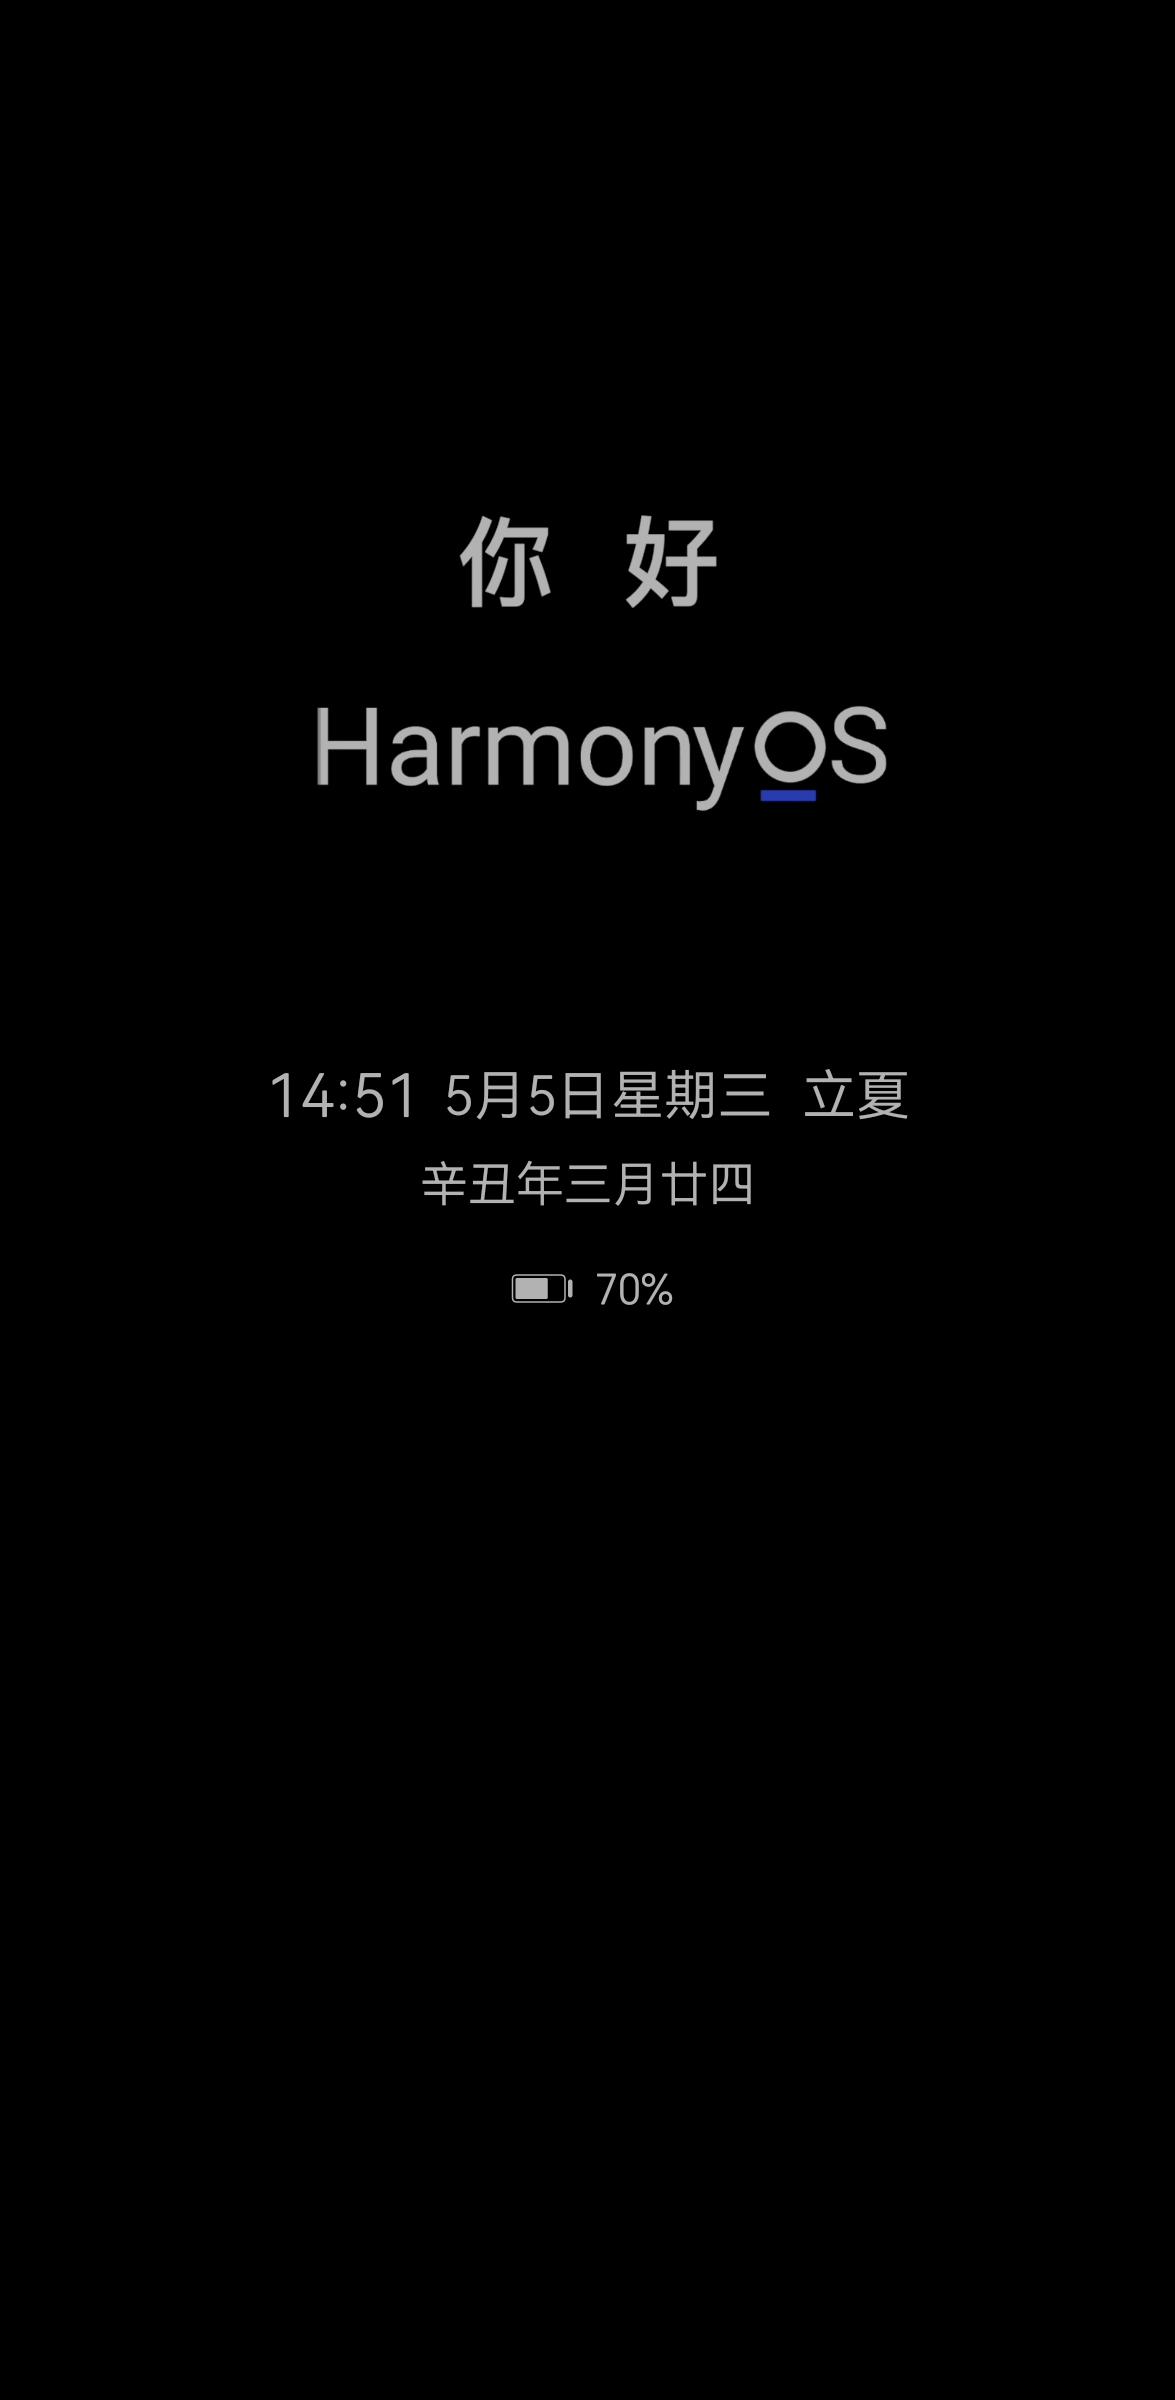 Screenshot_20210505_145139_com.huawei.aod.png